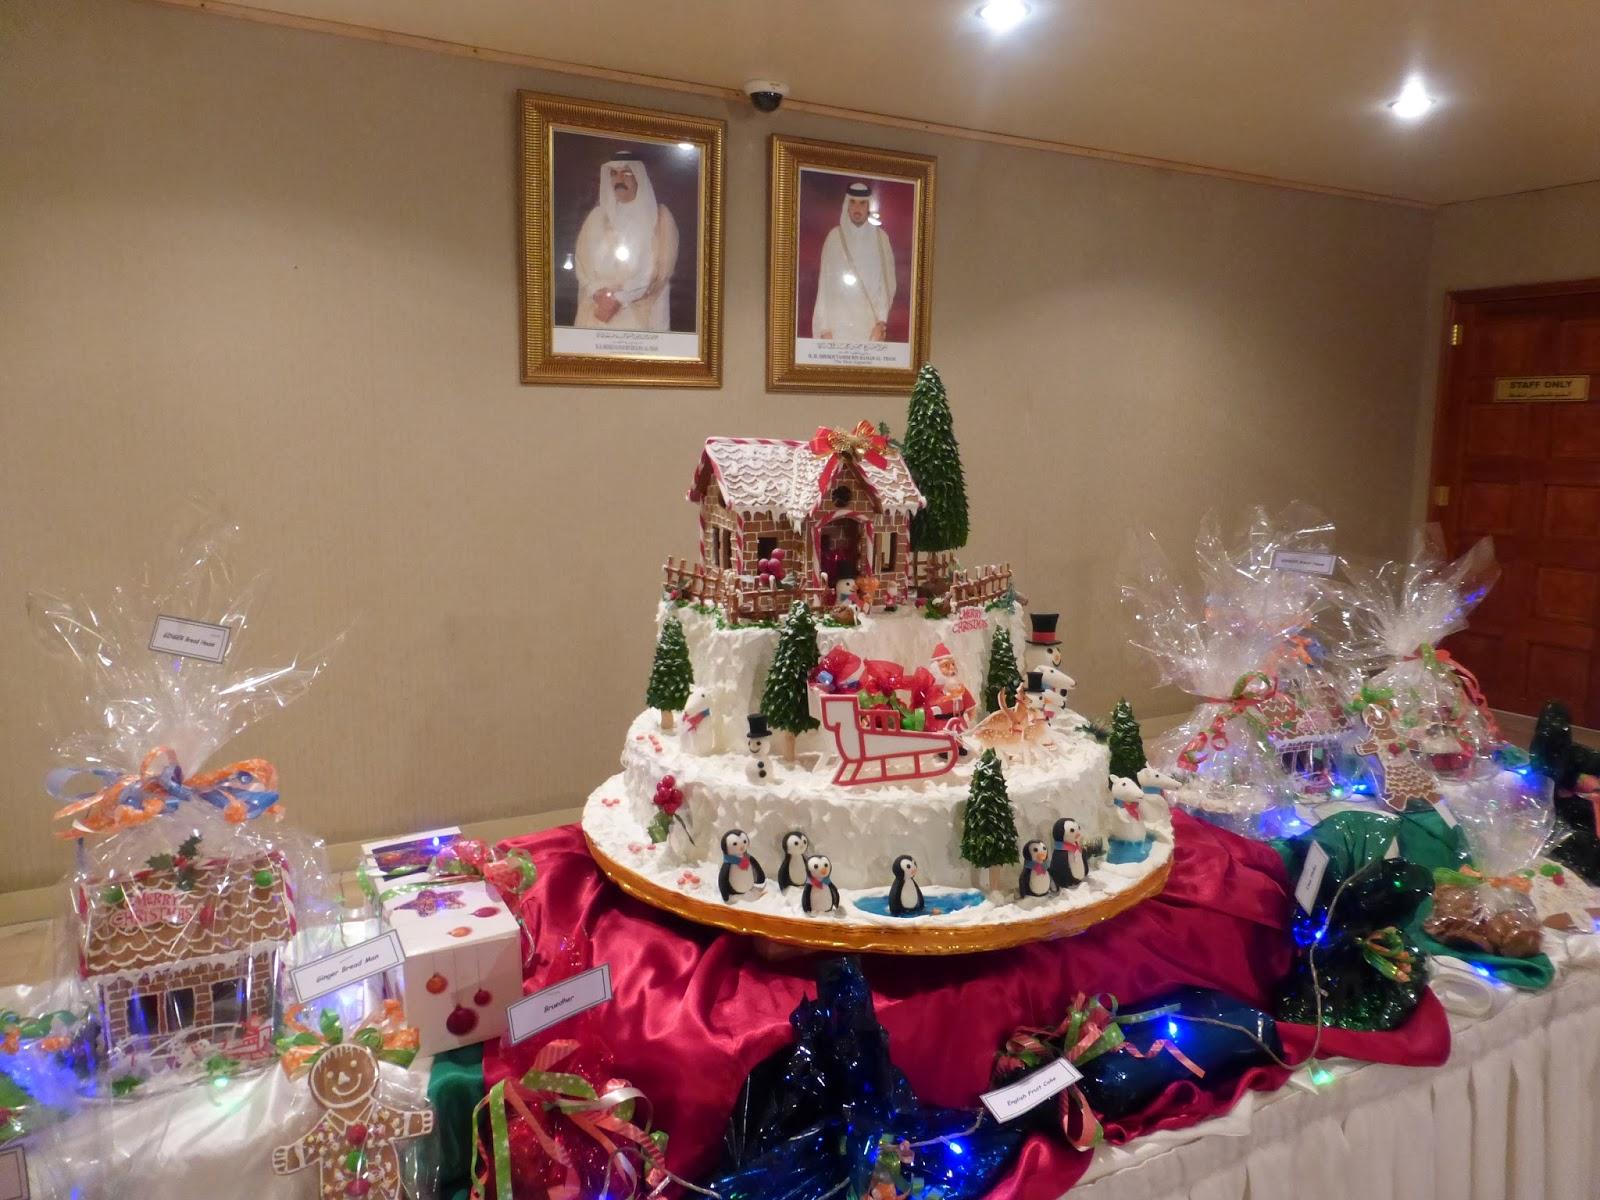 Kitschige Weihnachtsdeko susi franzi erobern susi gibt mal ihren senf dazu